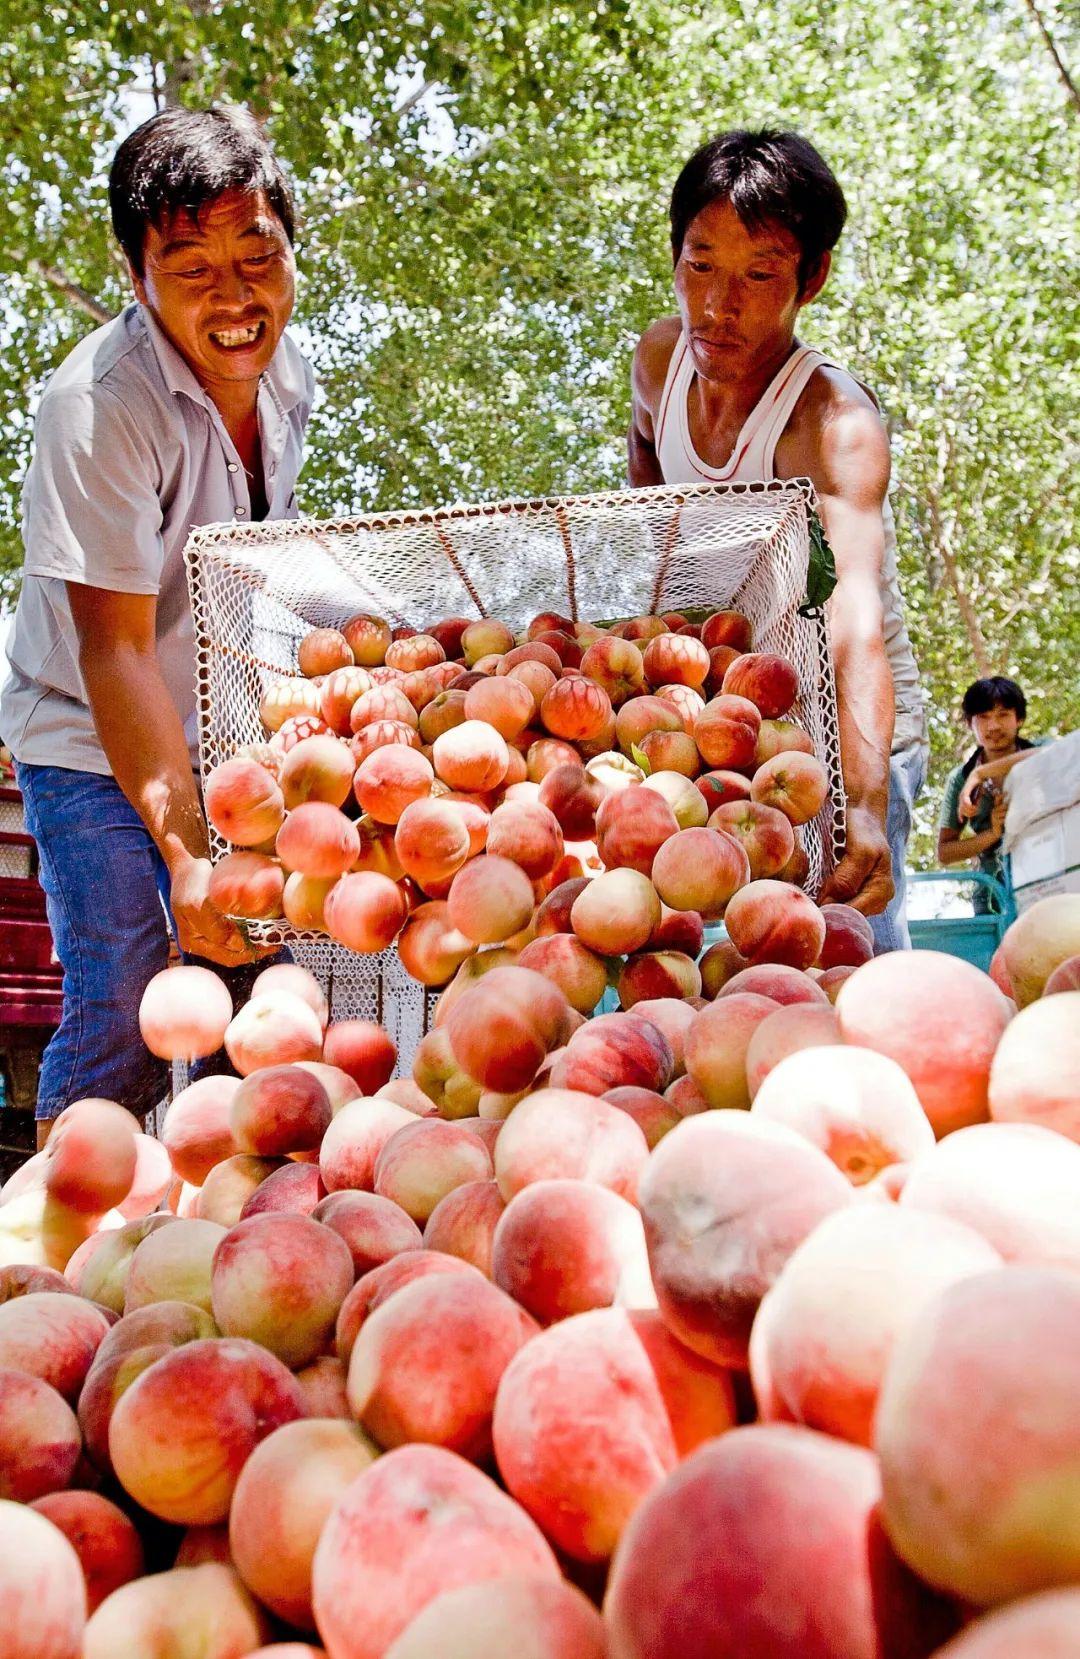 ▲ 北方蜜桃,我国祝寿时用的寿桃,大抵是以北方桃为原型的。 图/视觉中国